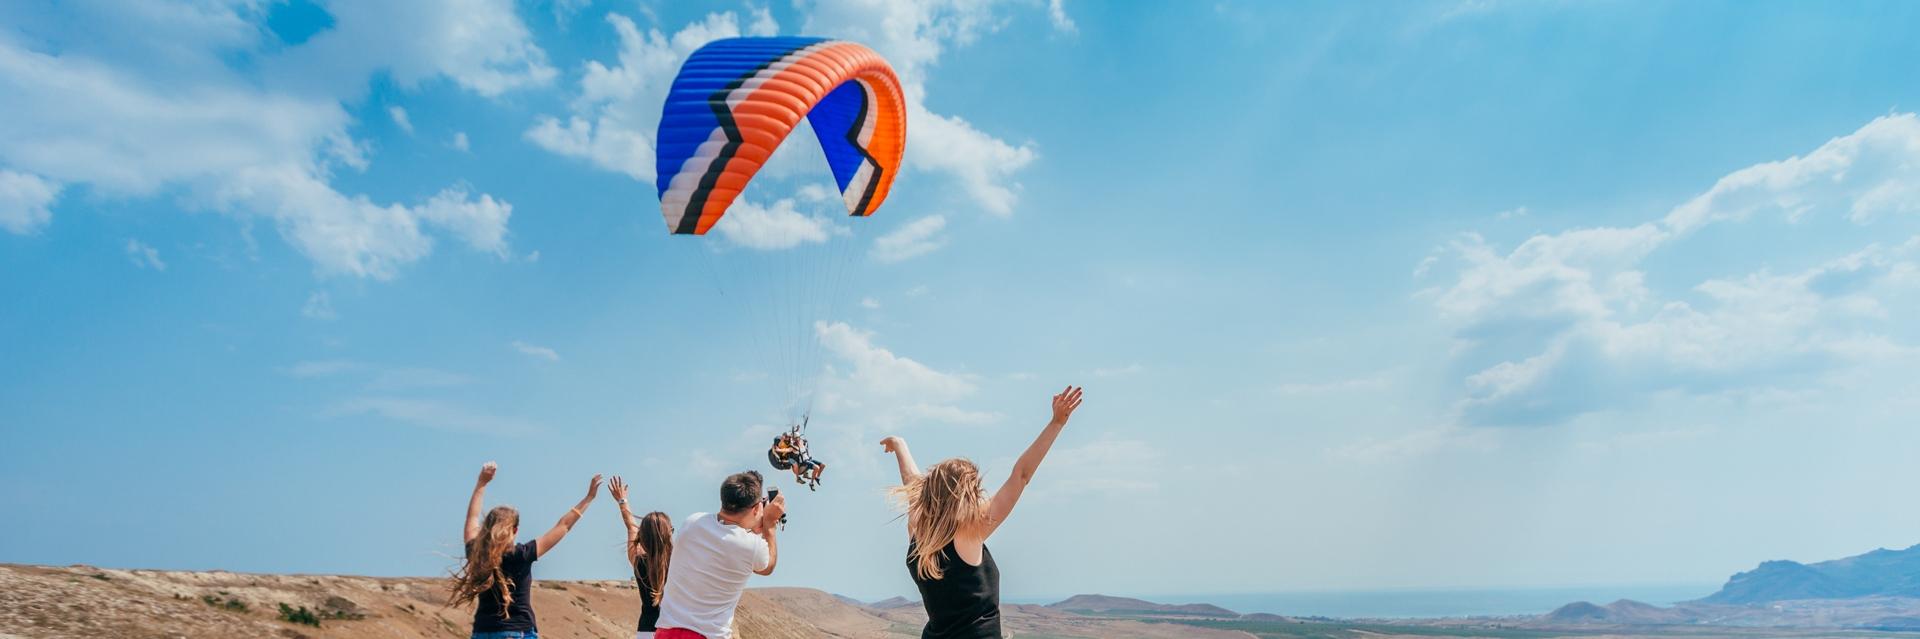 Активные развлечения во время тура выходного дня в Крыму